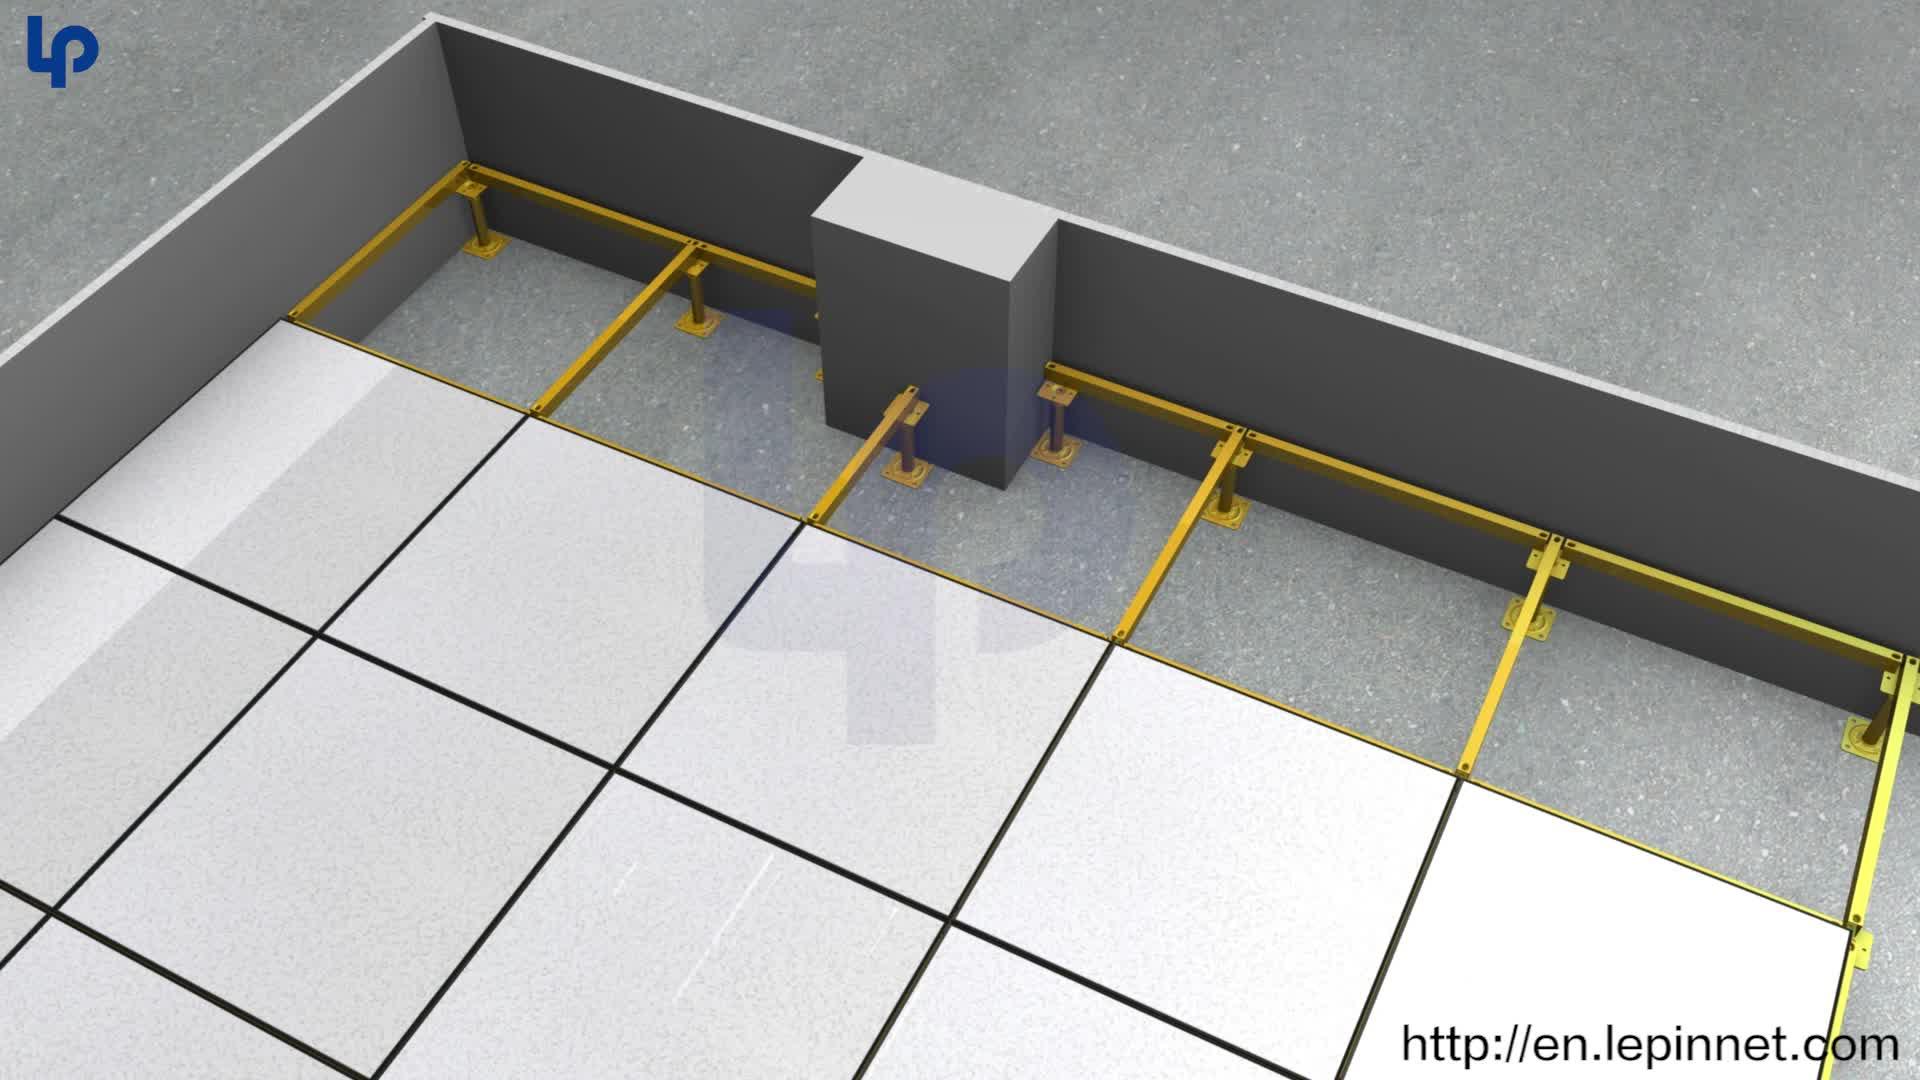 anstitatic raised floor fs1000 / raised floor system for data center or office